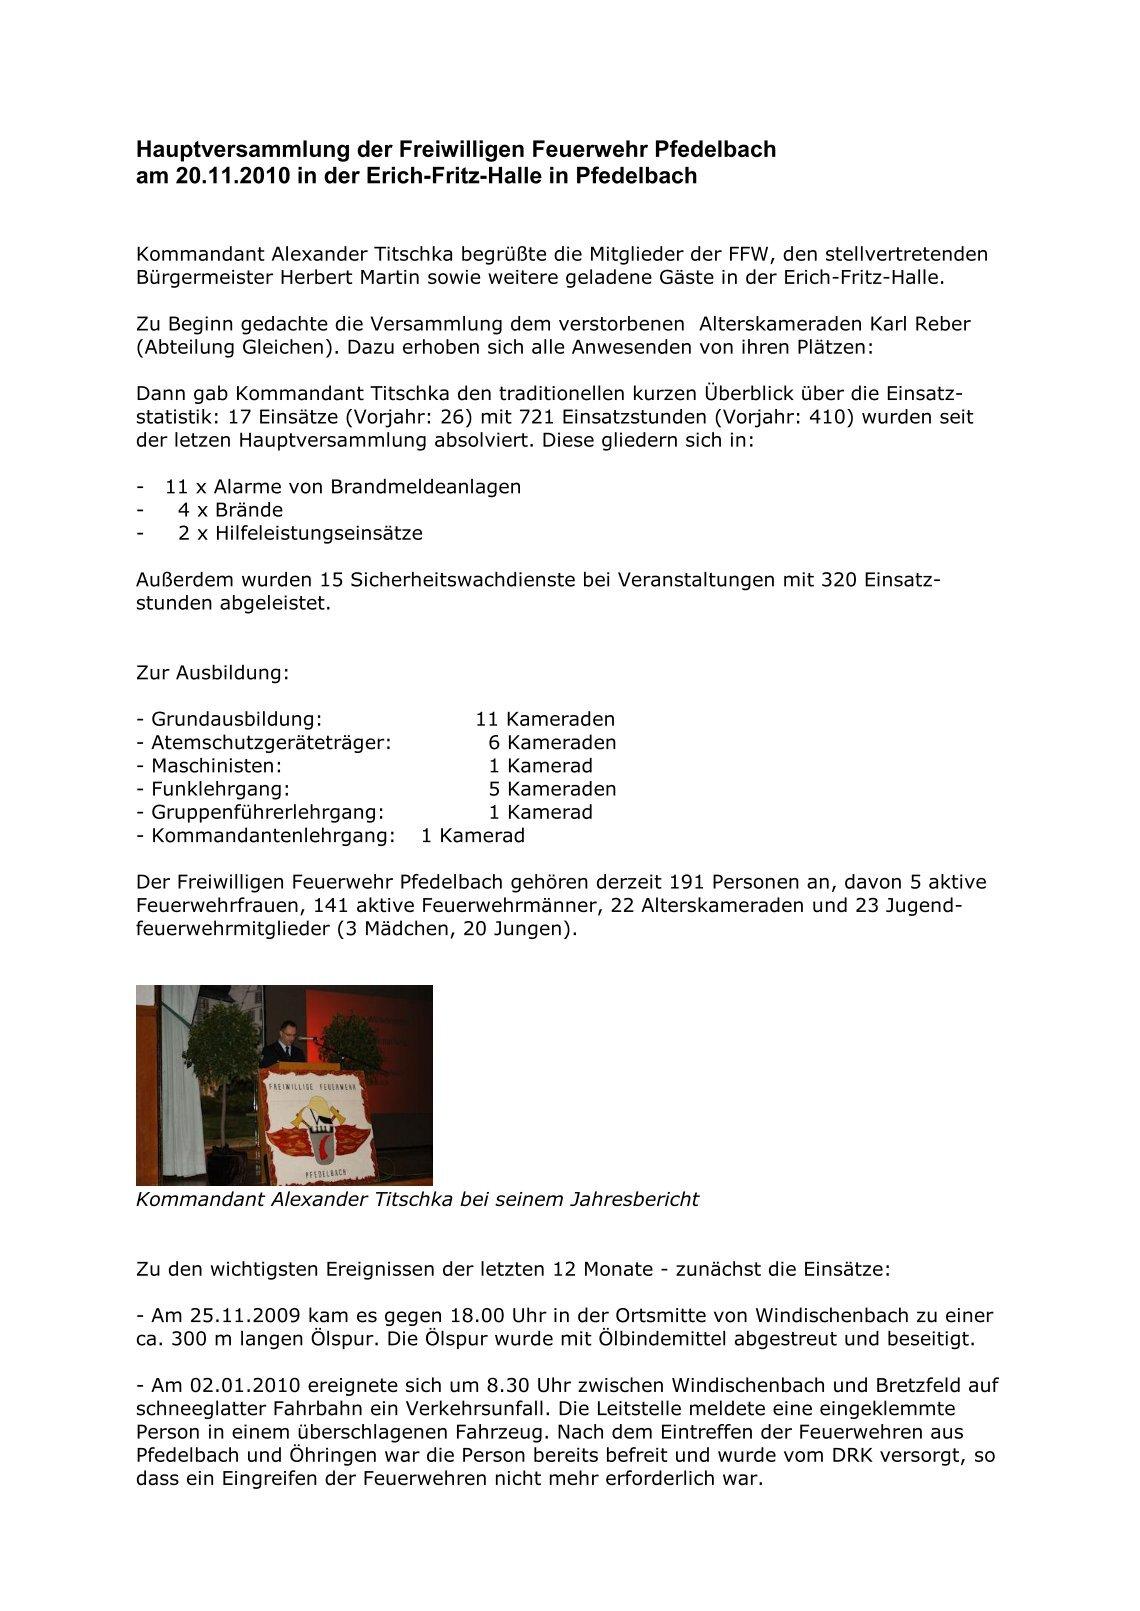 Ziemlich Lebenslauf Für Maschinisten Galerie - Entry Level Resume ...